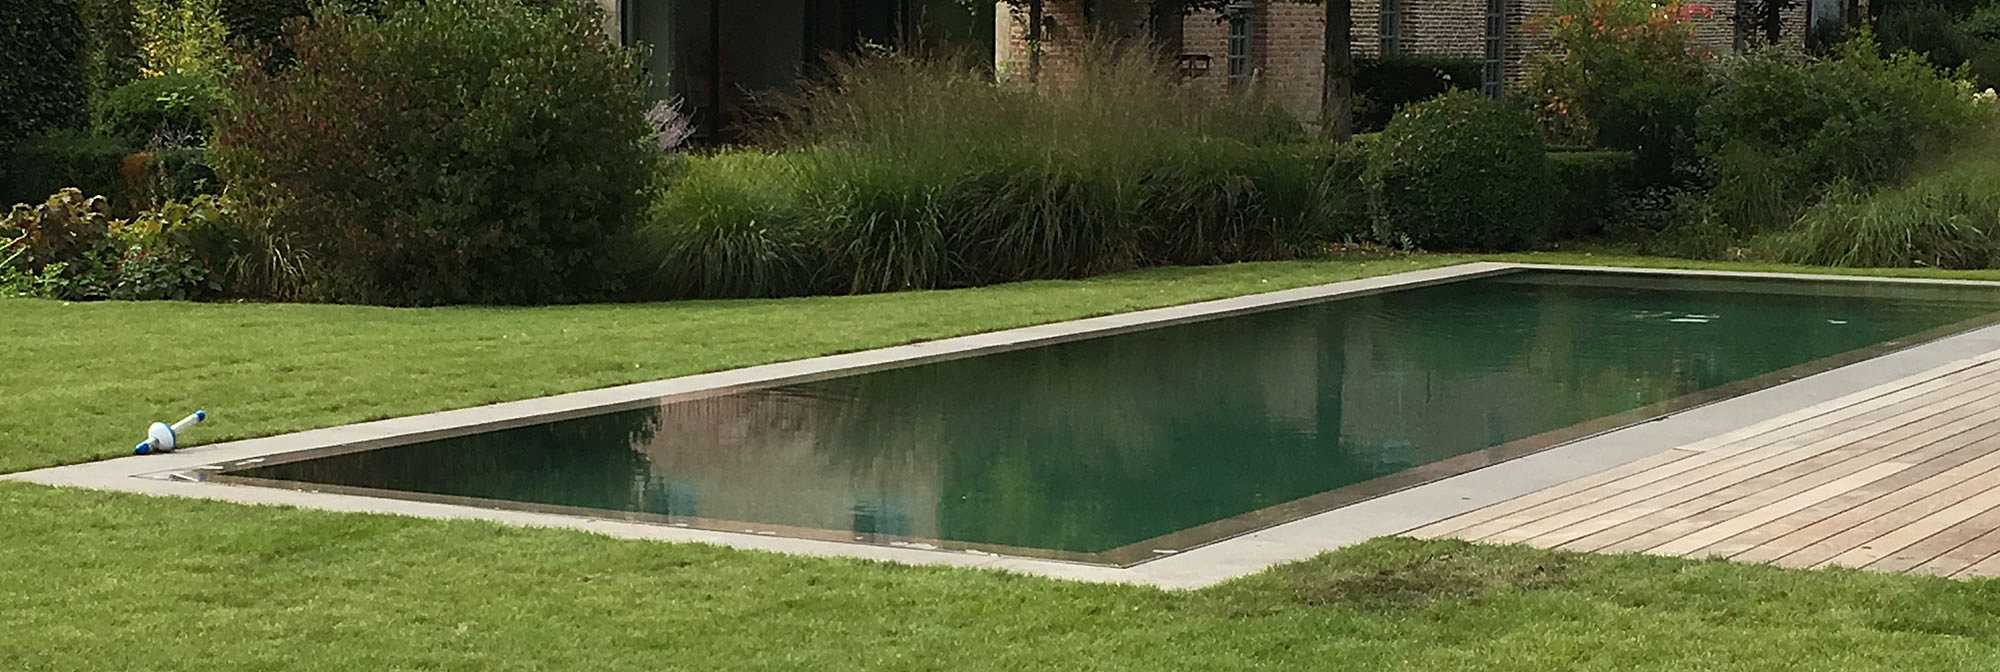 Constructeur de piscines belgique piscines b ton arm for Constructeur piscine 31